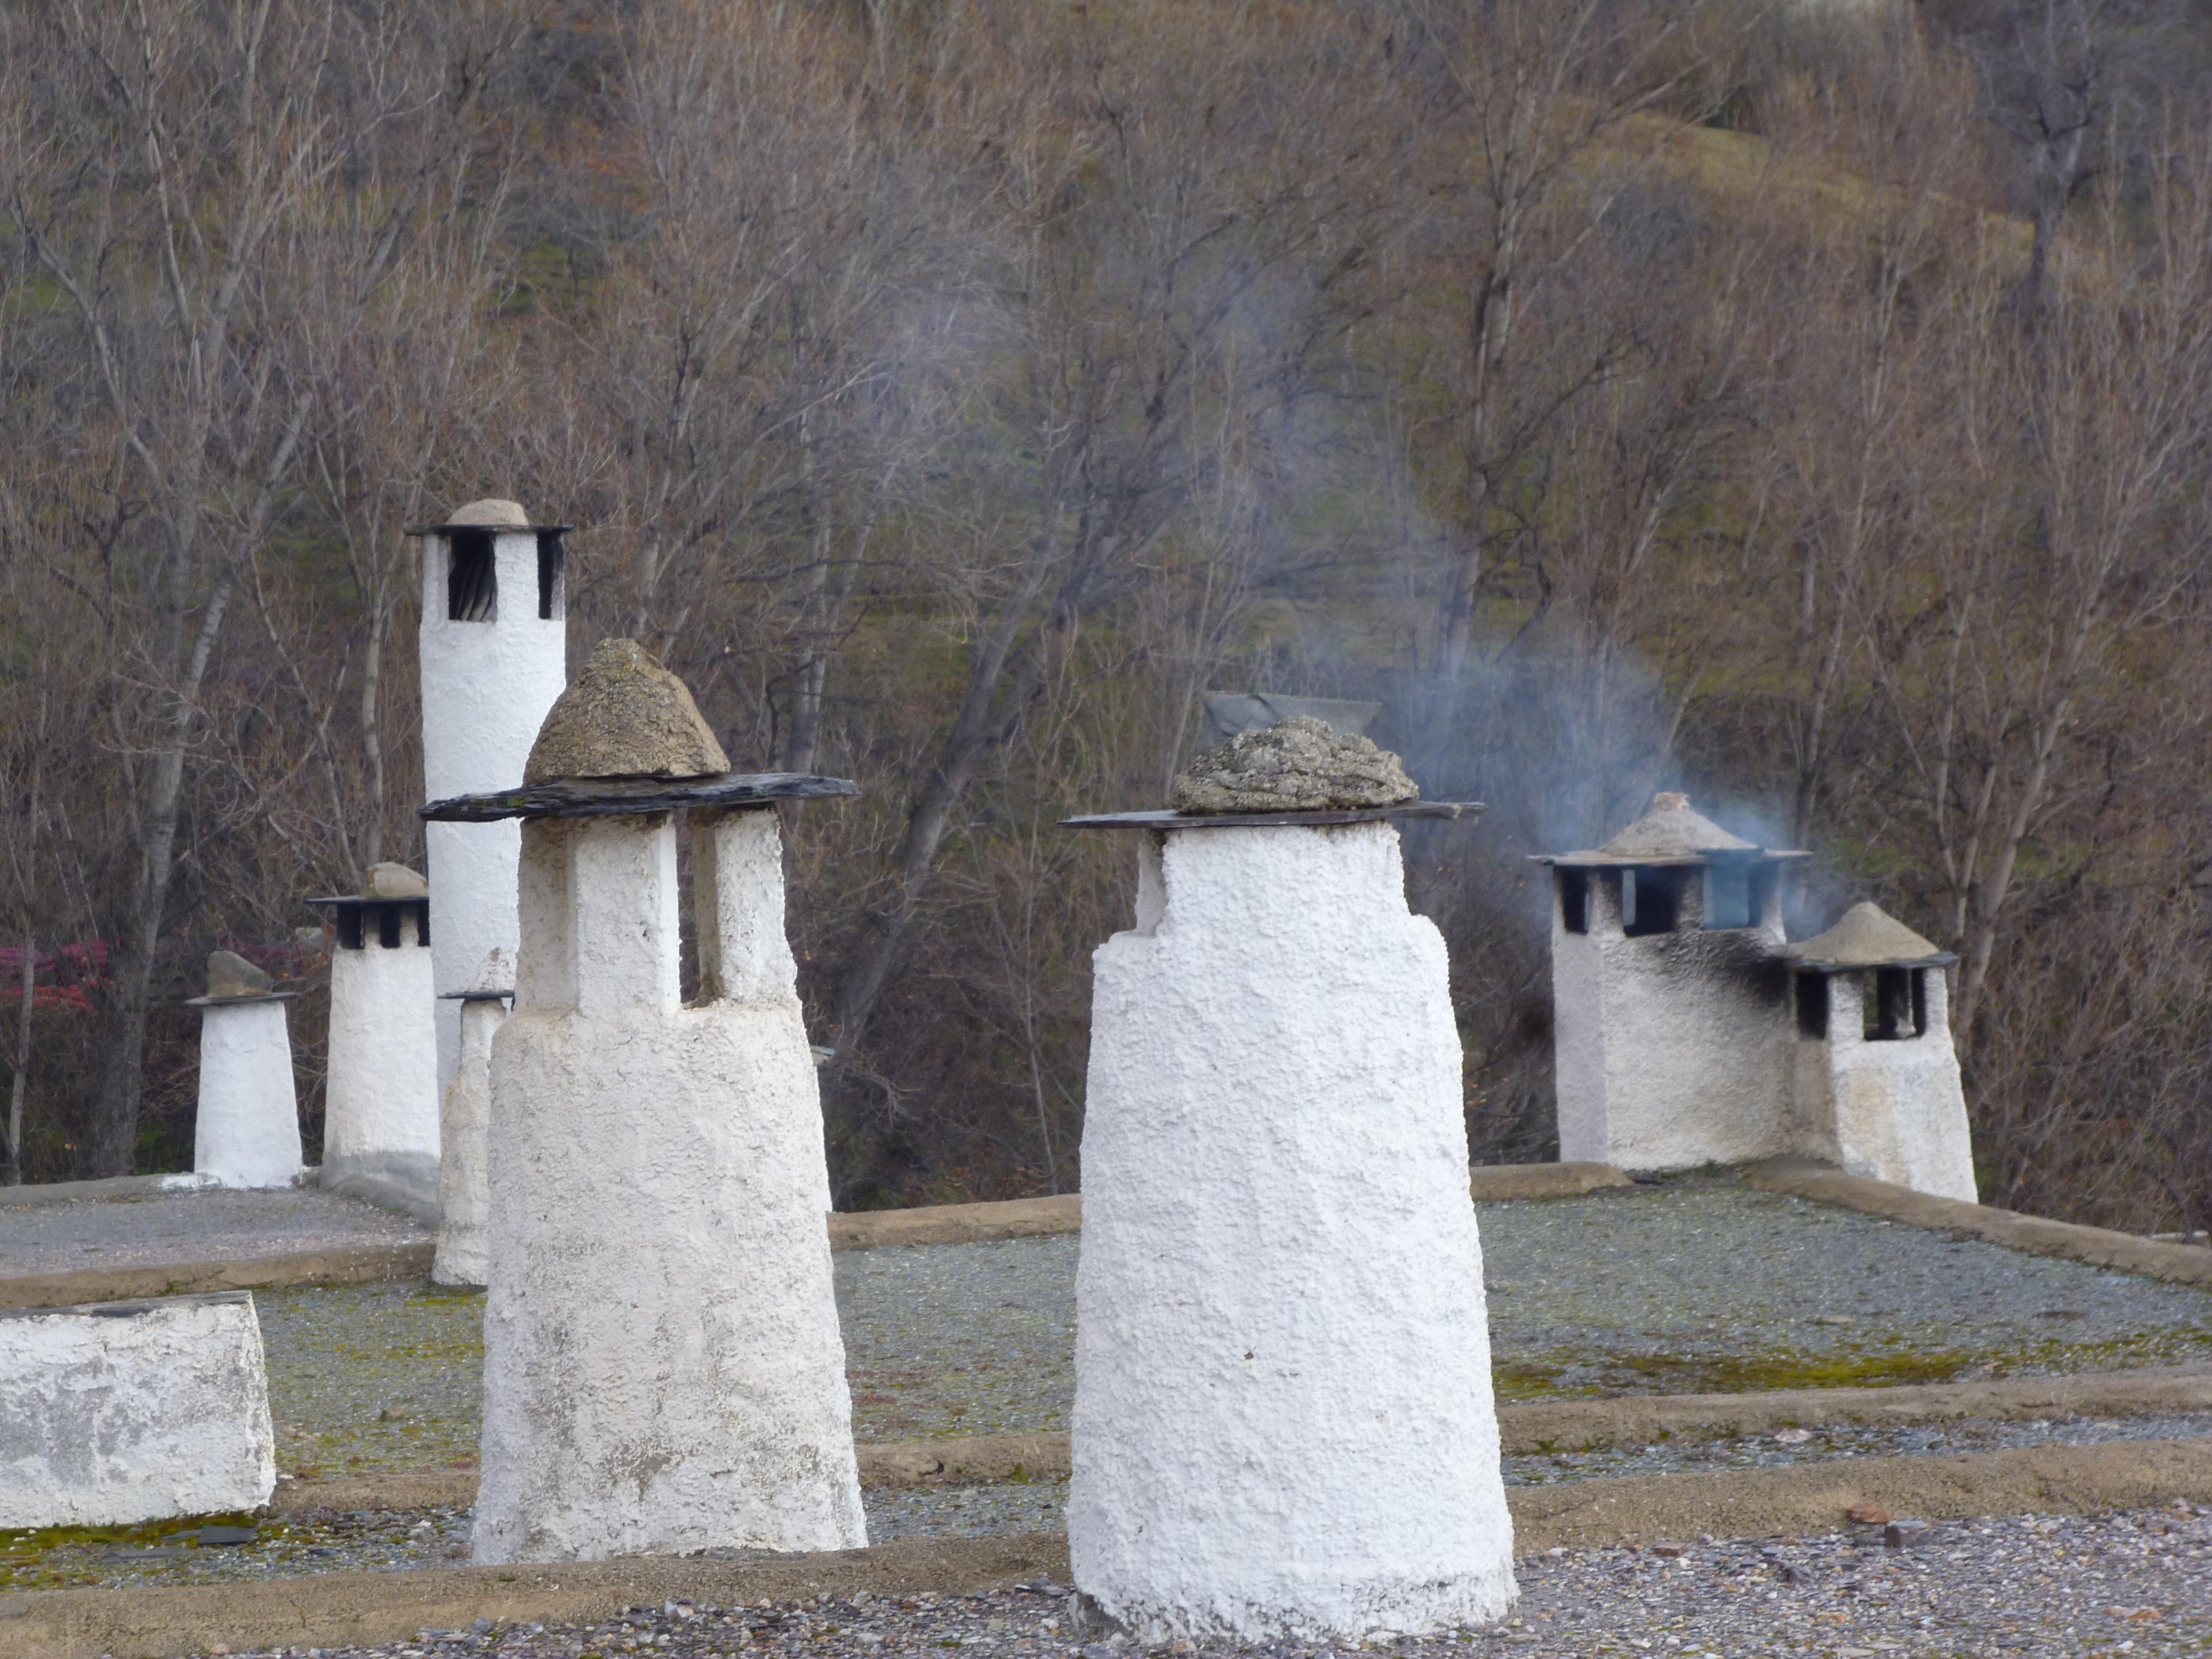 cheminées; les toitures sont couvertes d'un gravier local assurant l'étanchéité